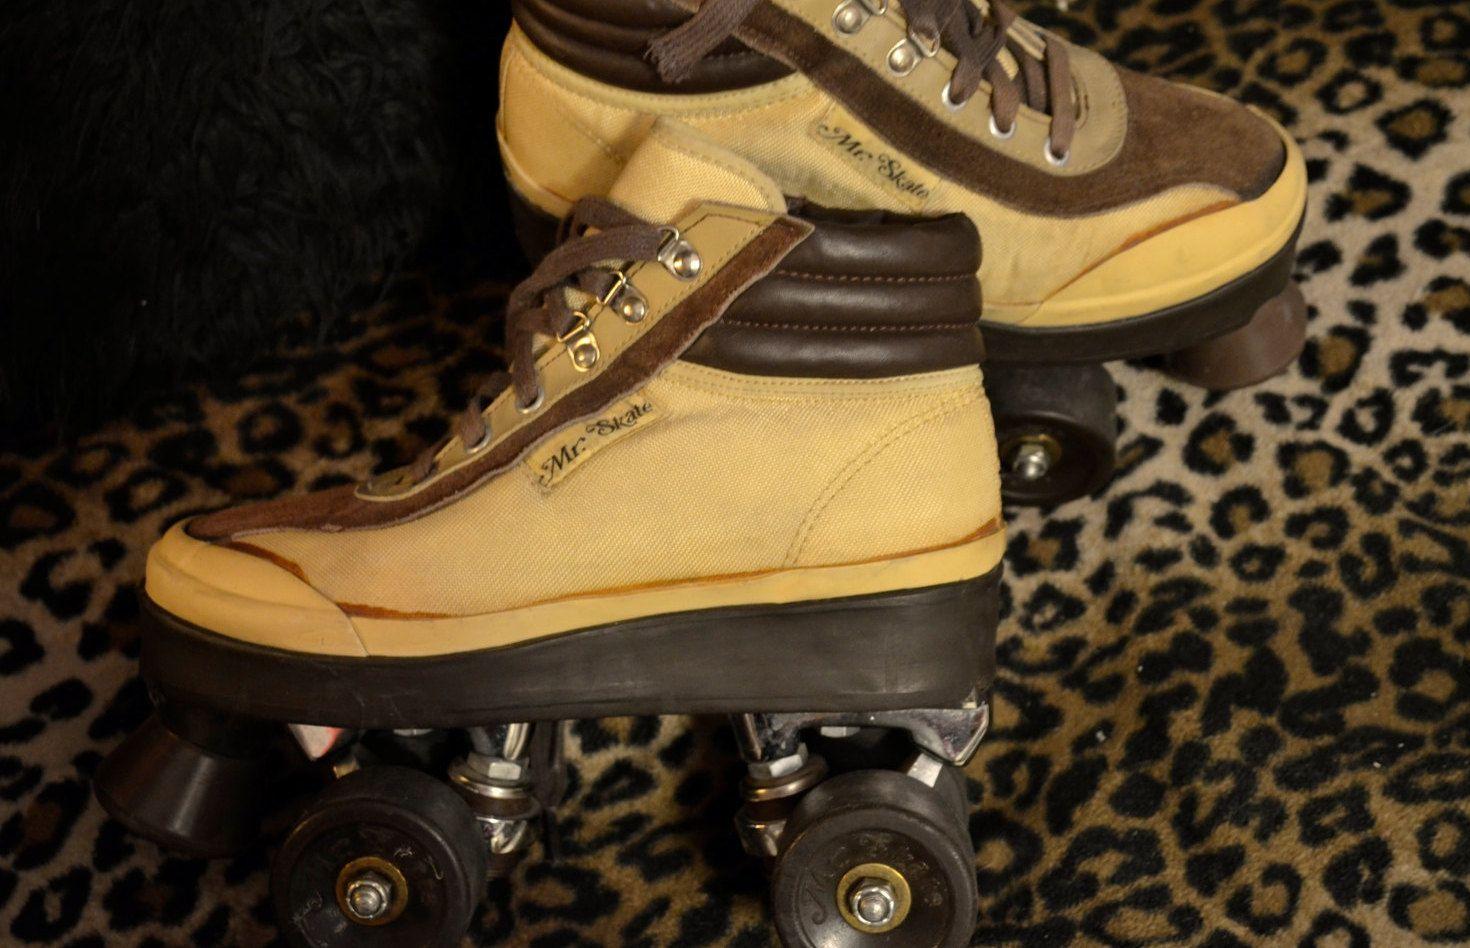 Vintage rollerskates quads Roller Derby Boot Skates brown work boot ...